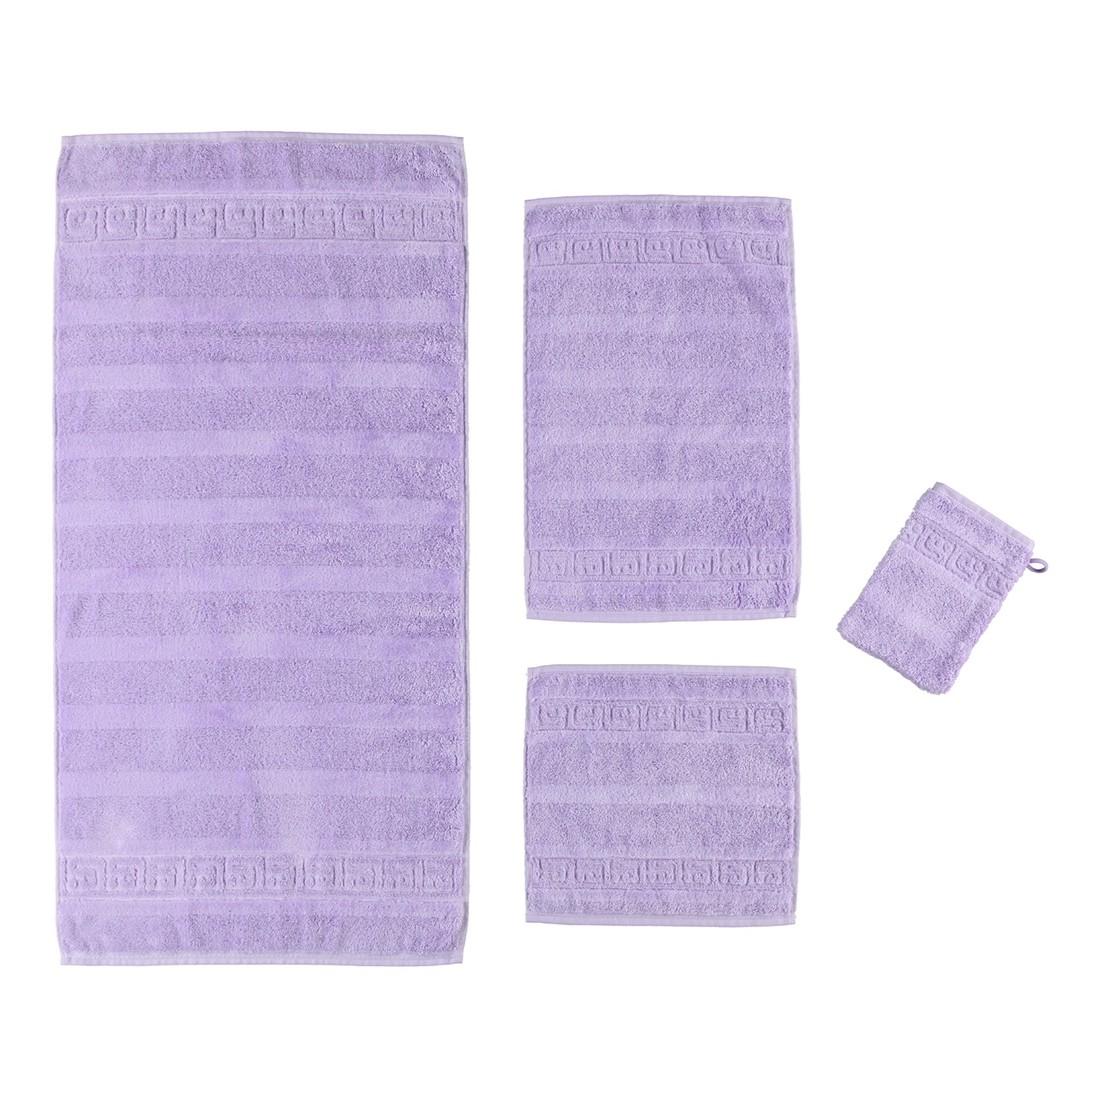 Handtuch Noblesse – 100% Baumwolle flieder – 825 – Handtuch: 60 x 110 cm, Cawö günstig bestellen